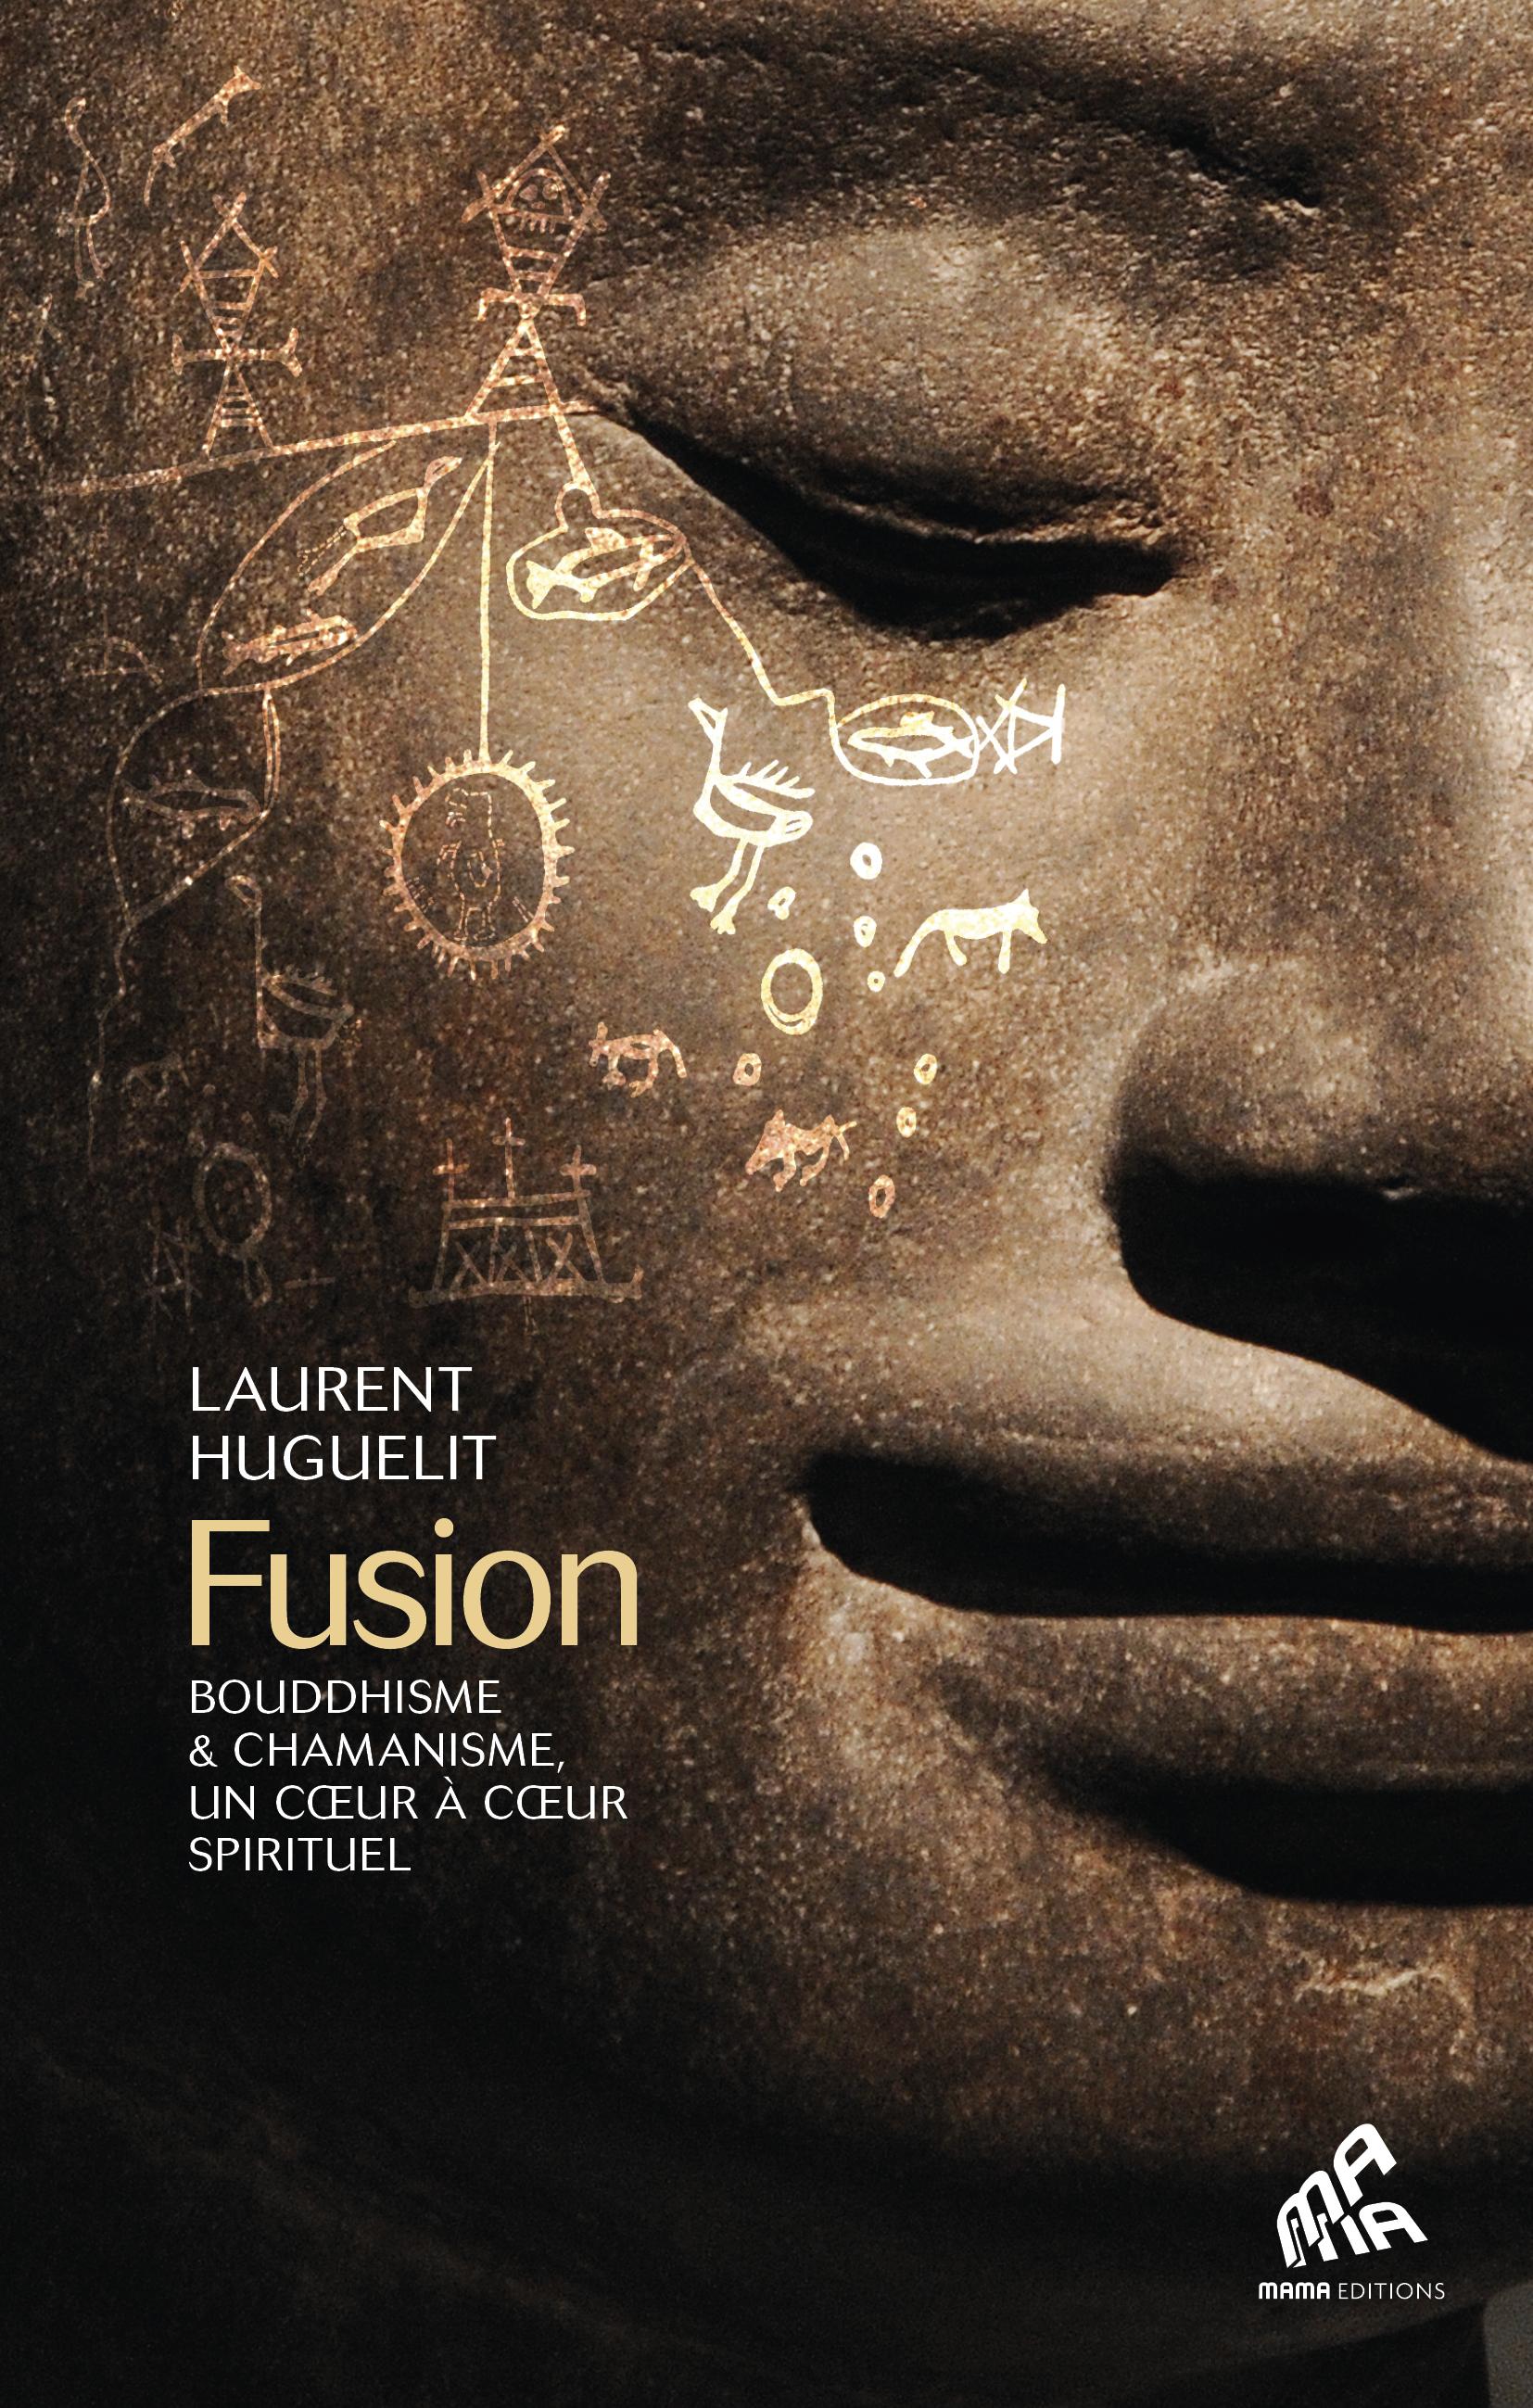 FUSION - BOUDDHISME & CHAMANISME, UN COEUR A COEUR SPIRITUEL